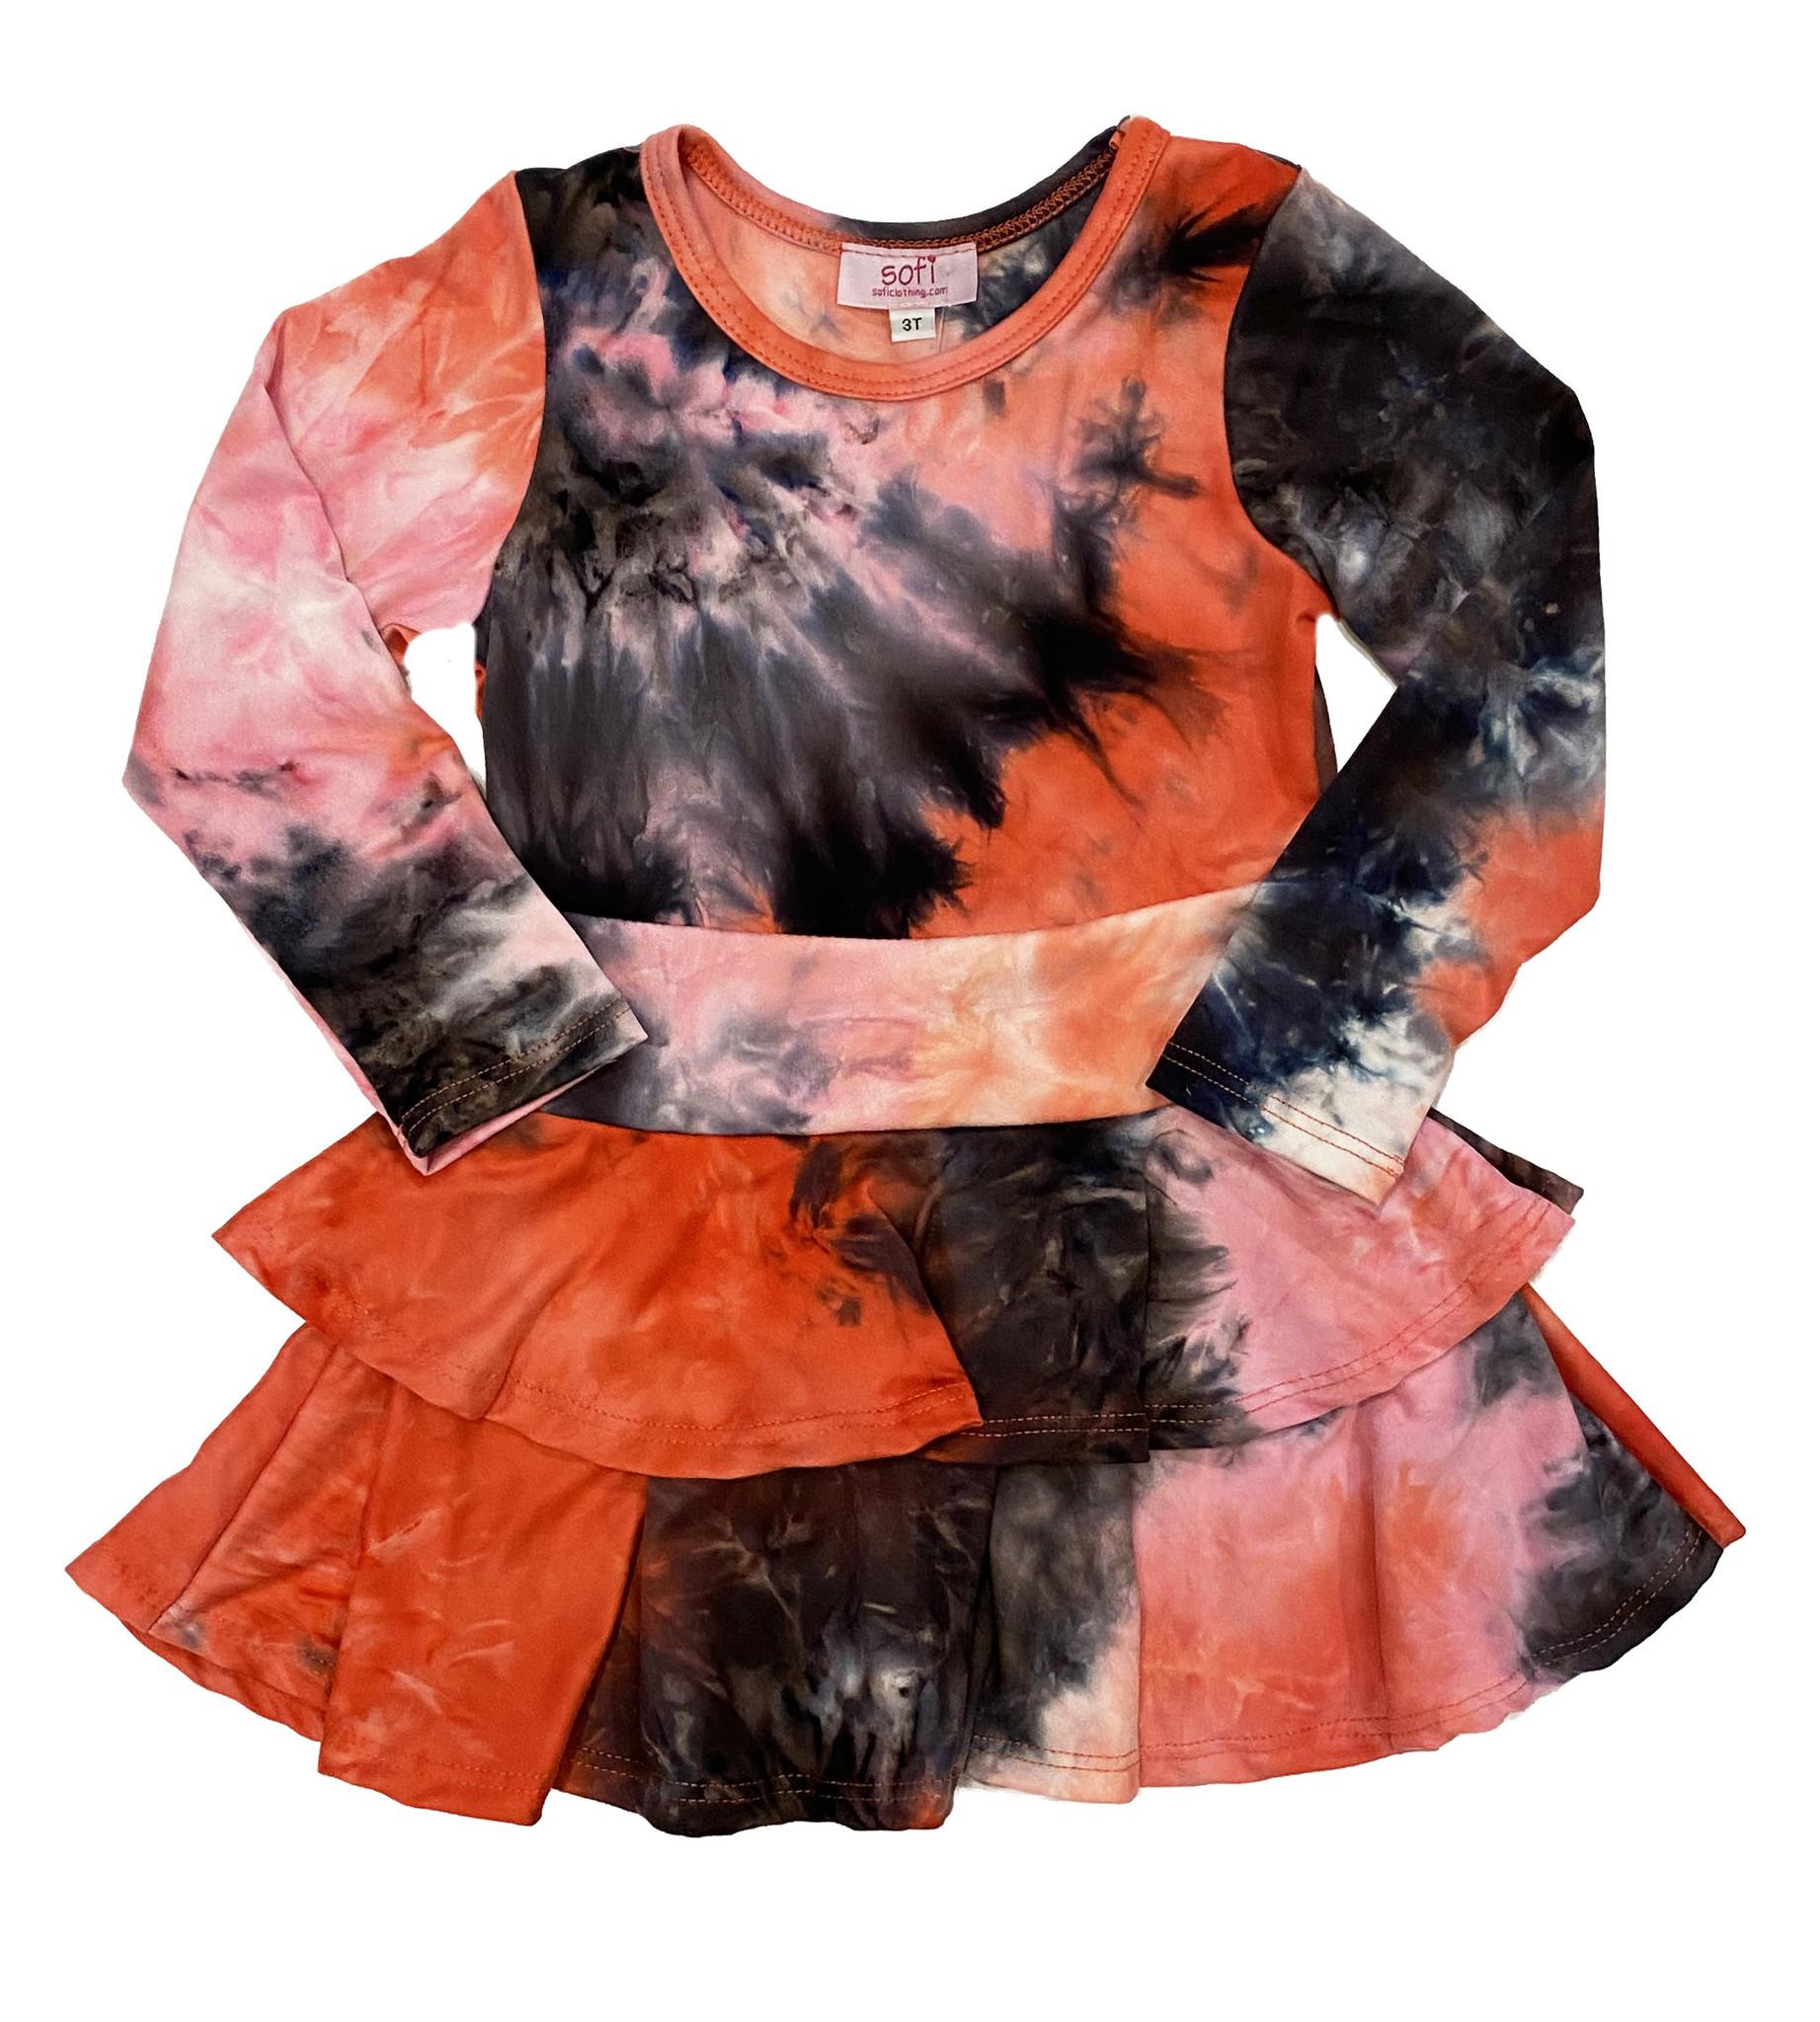 Sofi Raspberry/Blk TD  2 Tier Dress